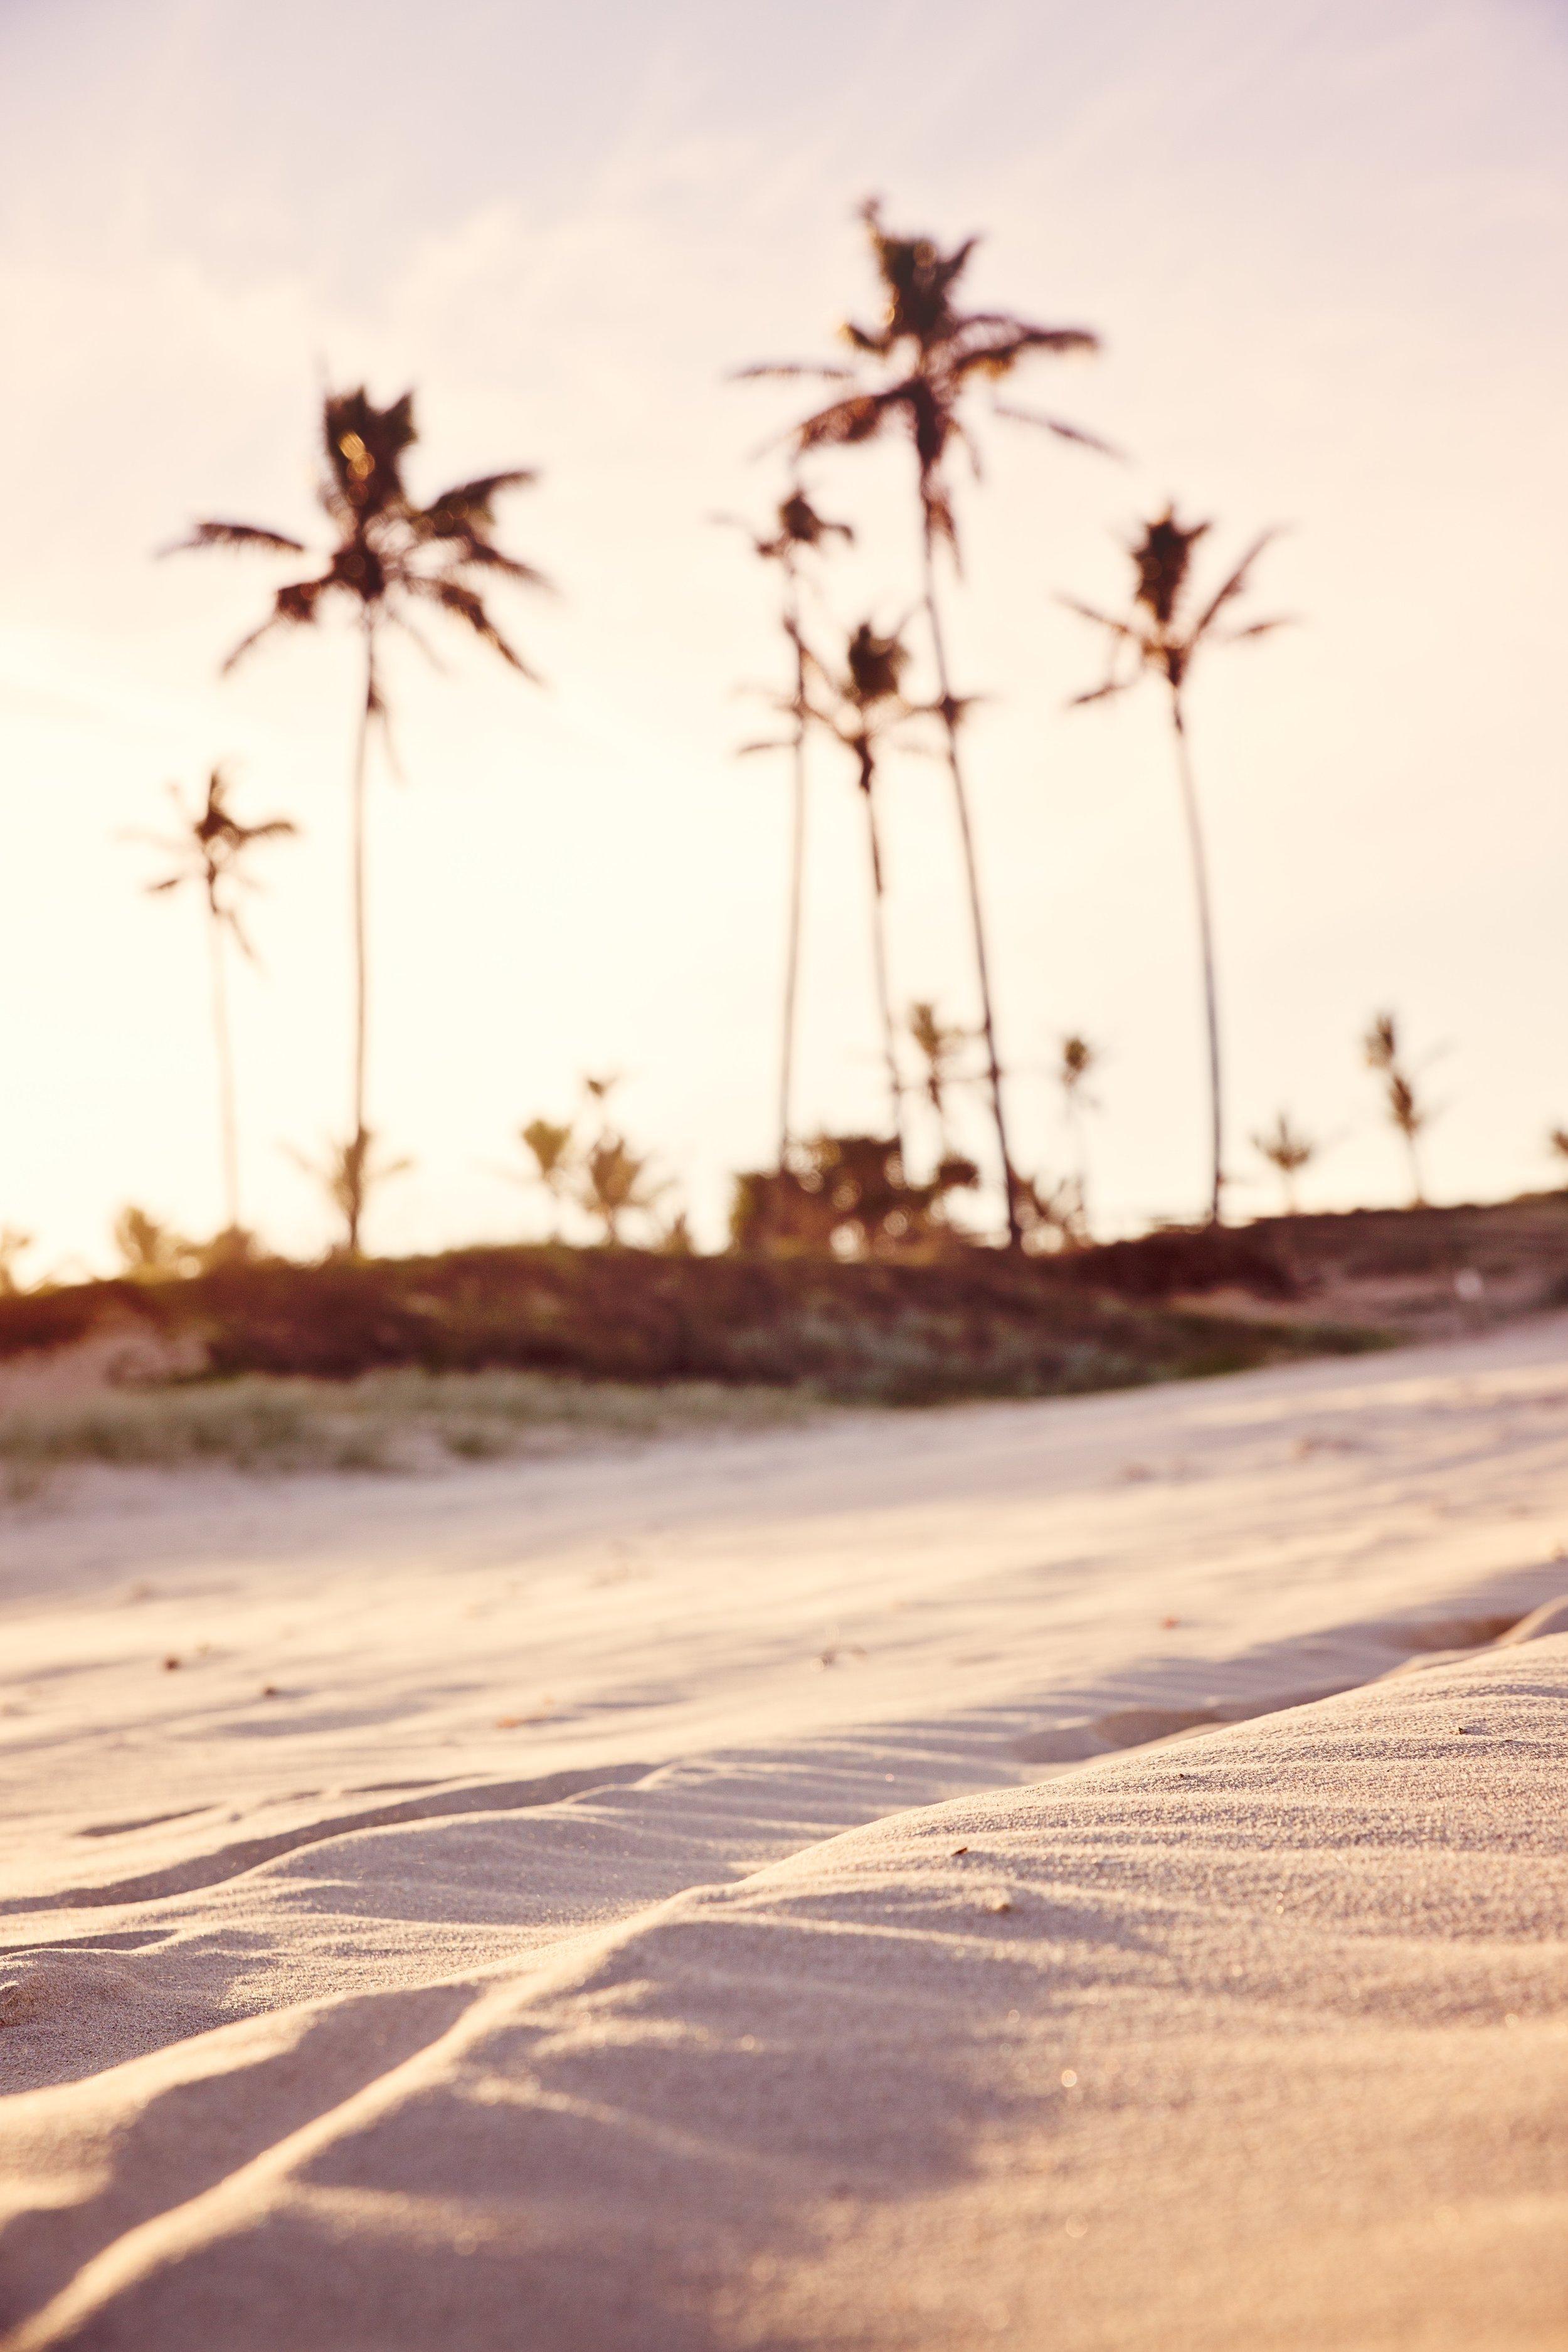 beach-blurred-background-golden-hour-1151282.jpg